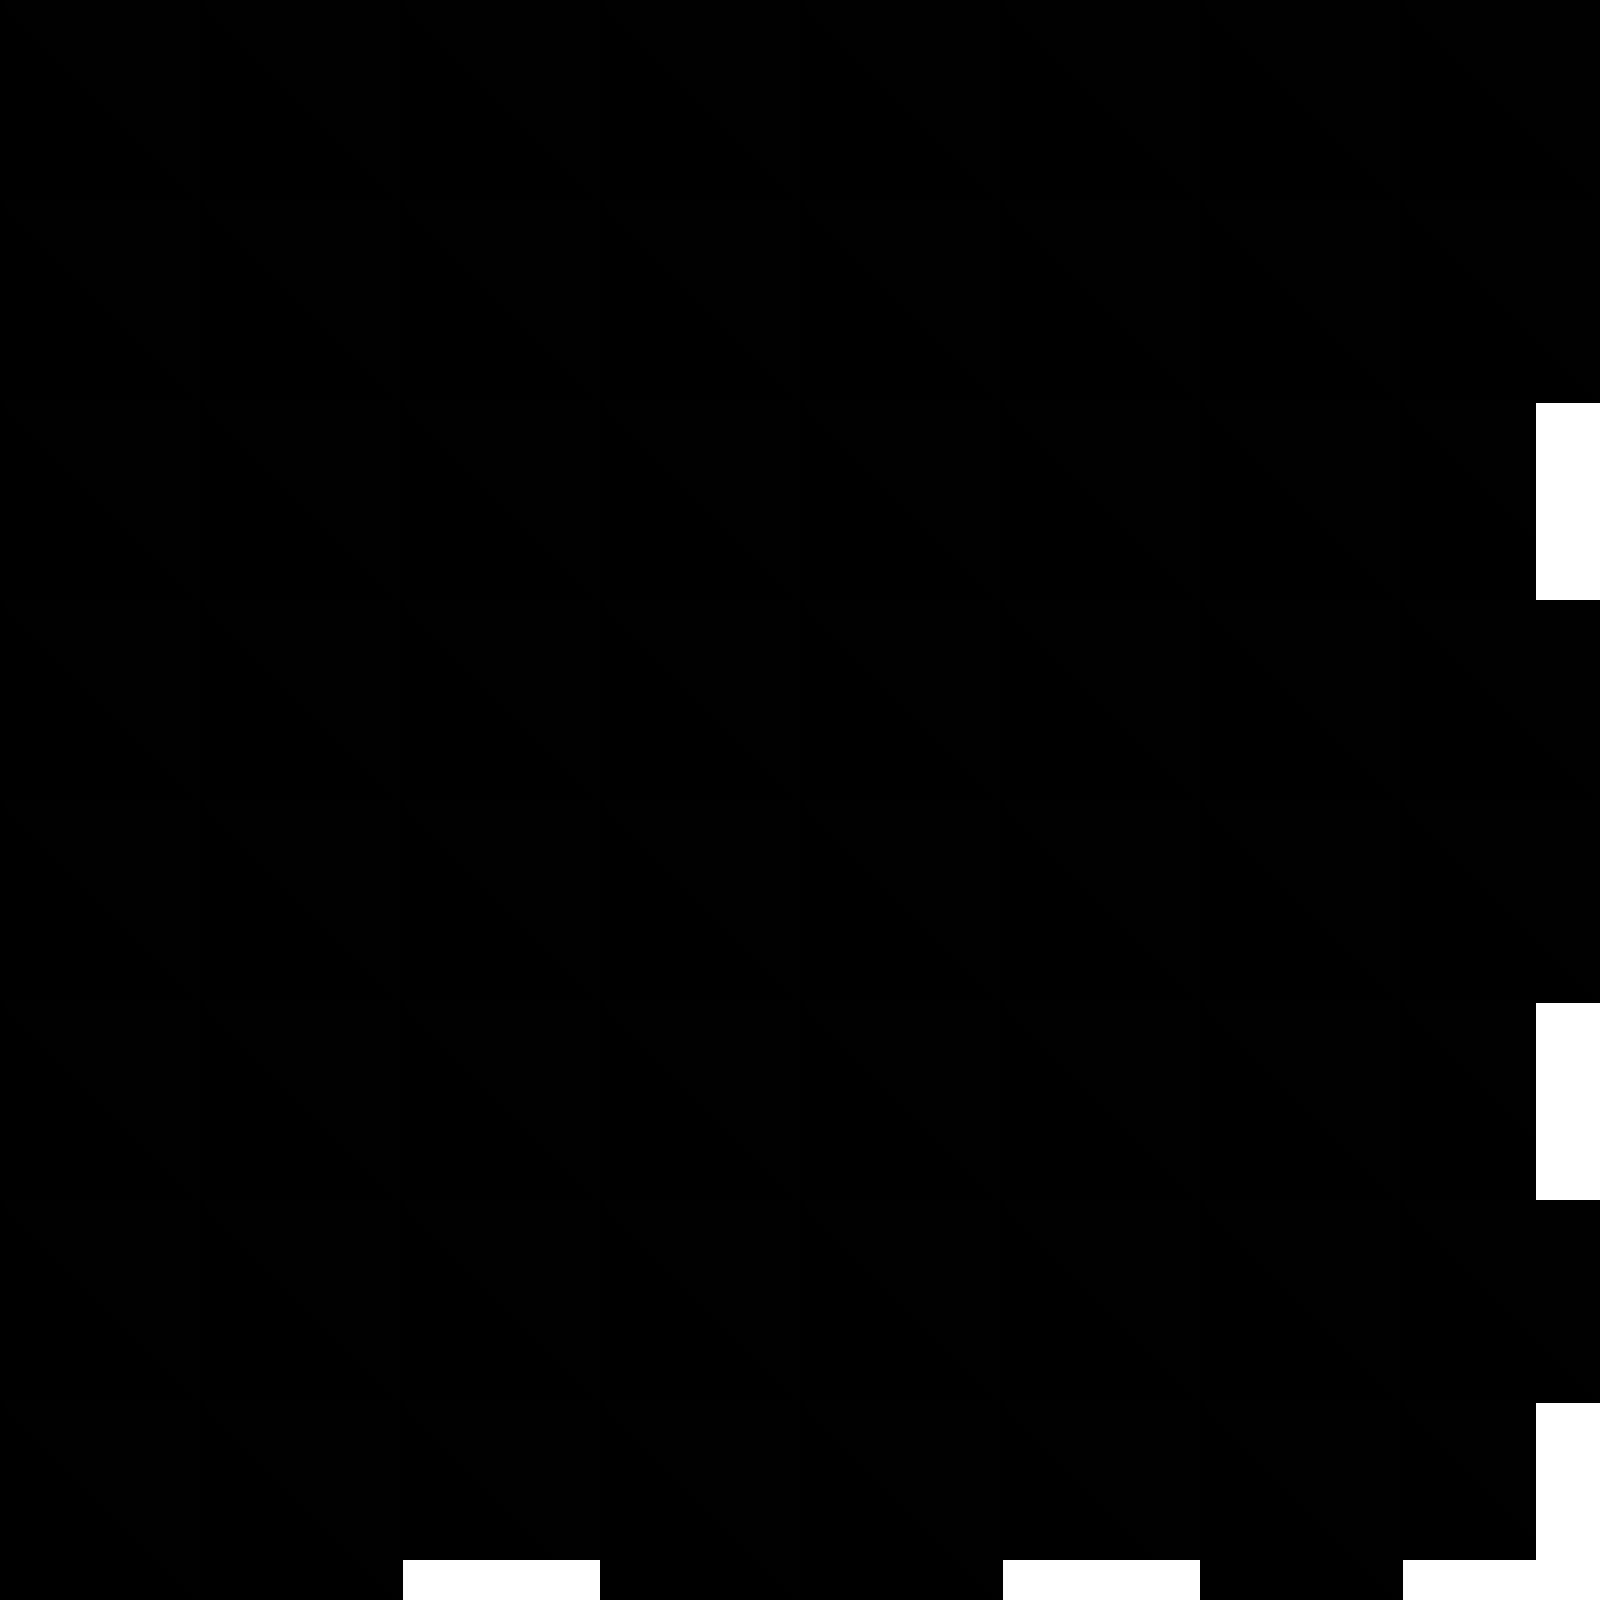 Dot Grid Png Transparent #43559.